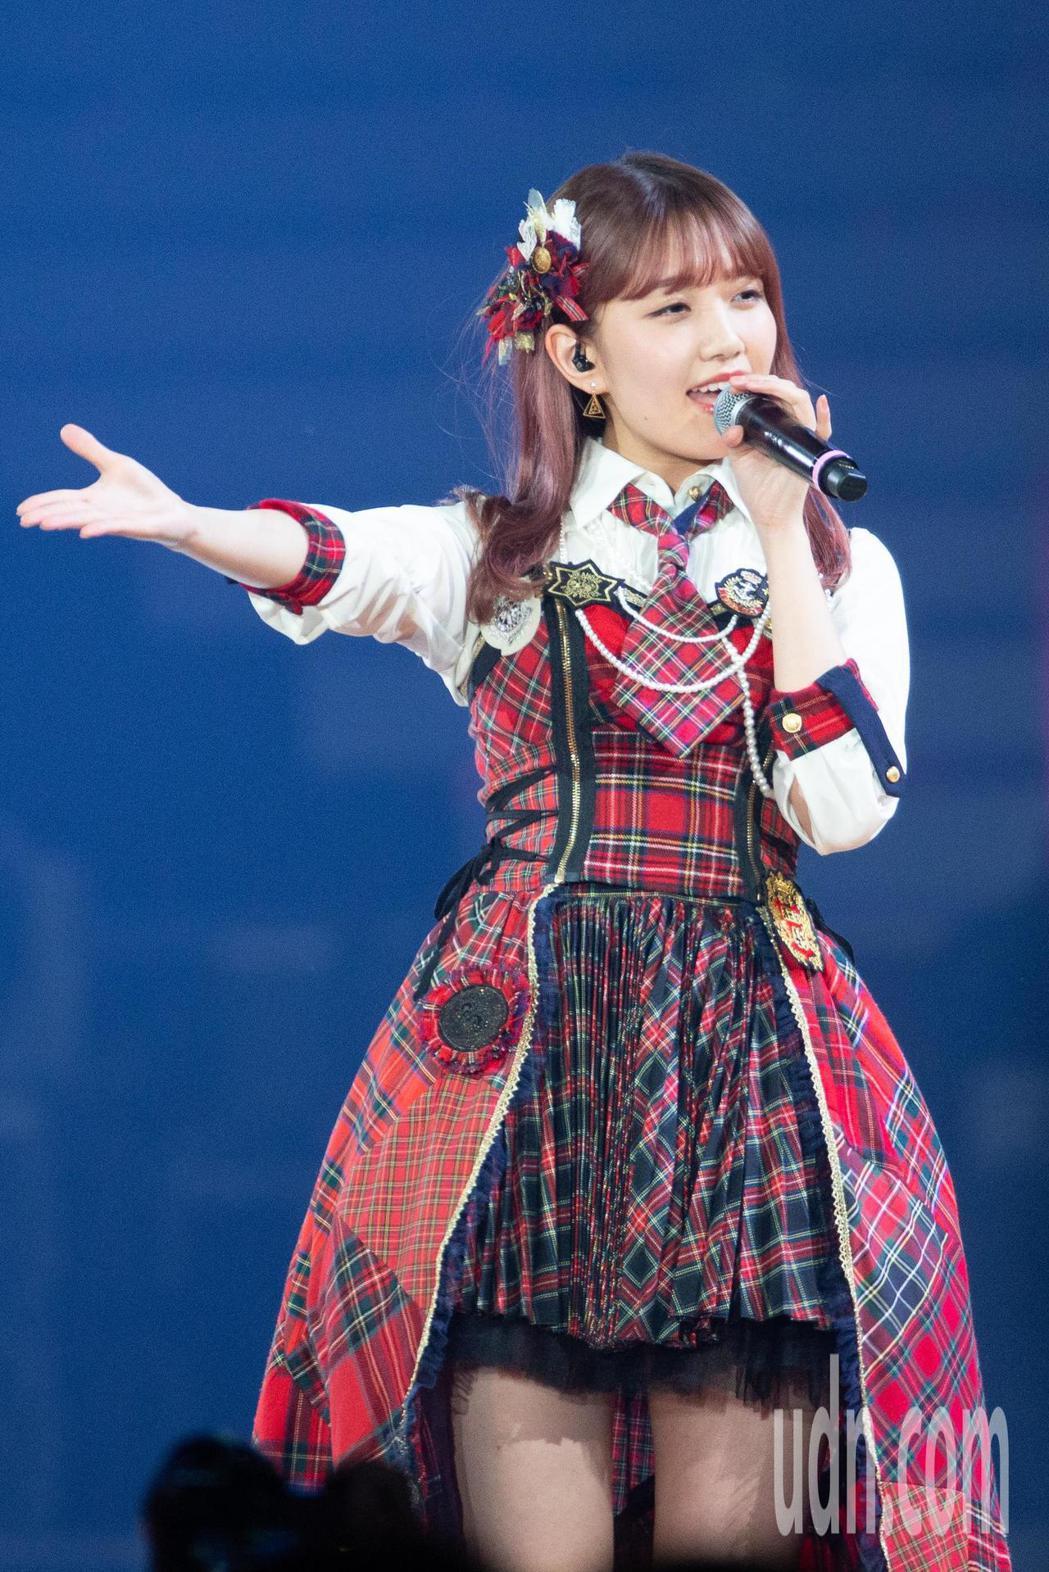 日本女團AKB48今晚在台北小巨蛋舉行台北演唱會,AKB48成員加藤玲奈。記者季...